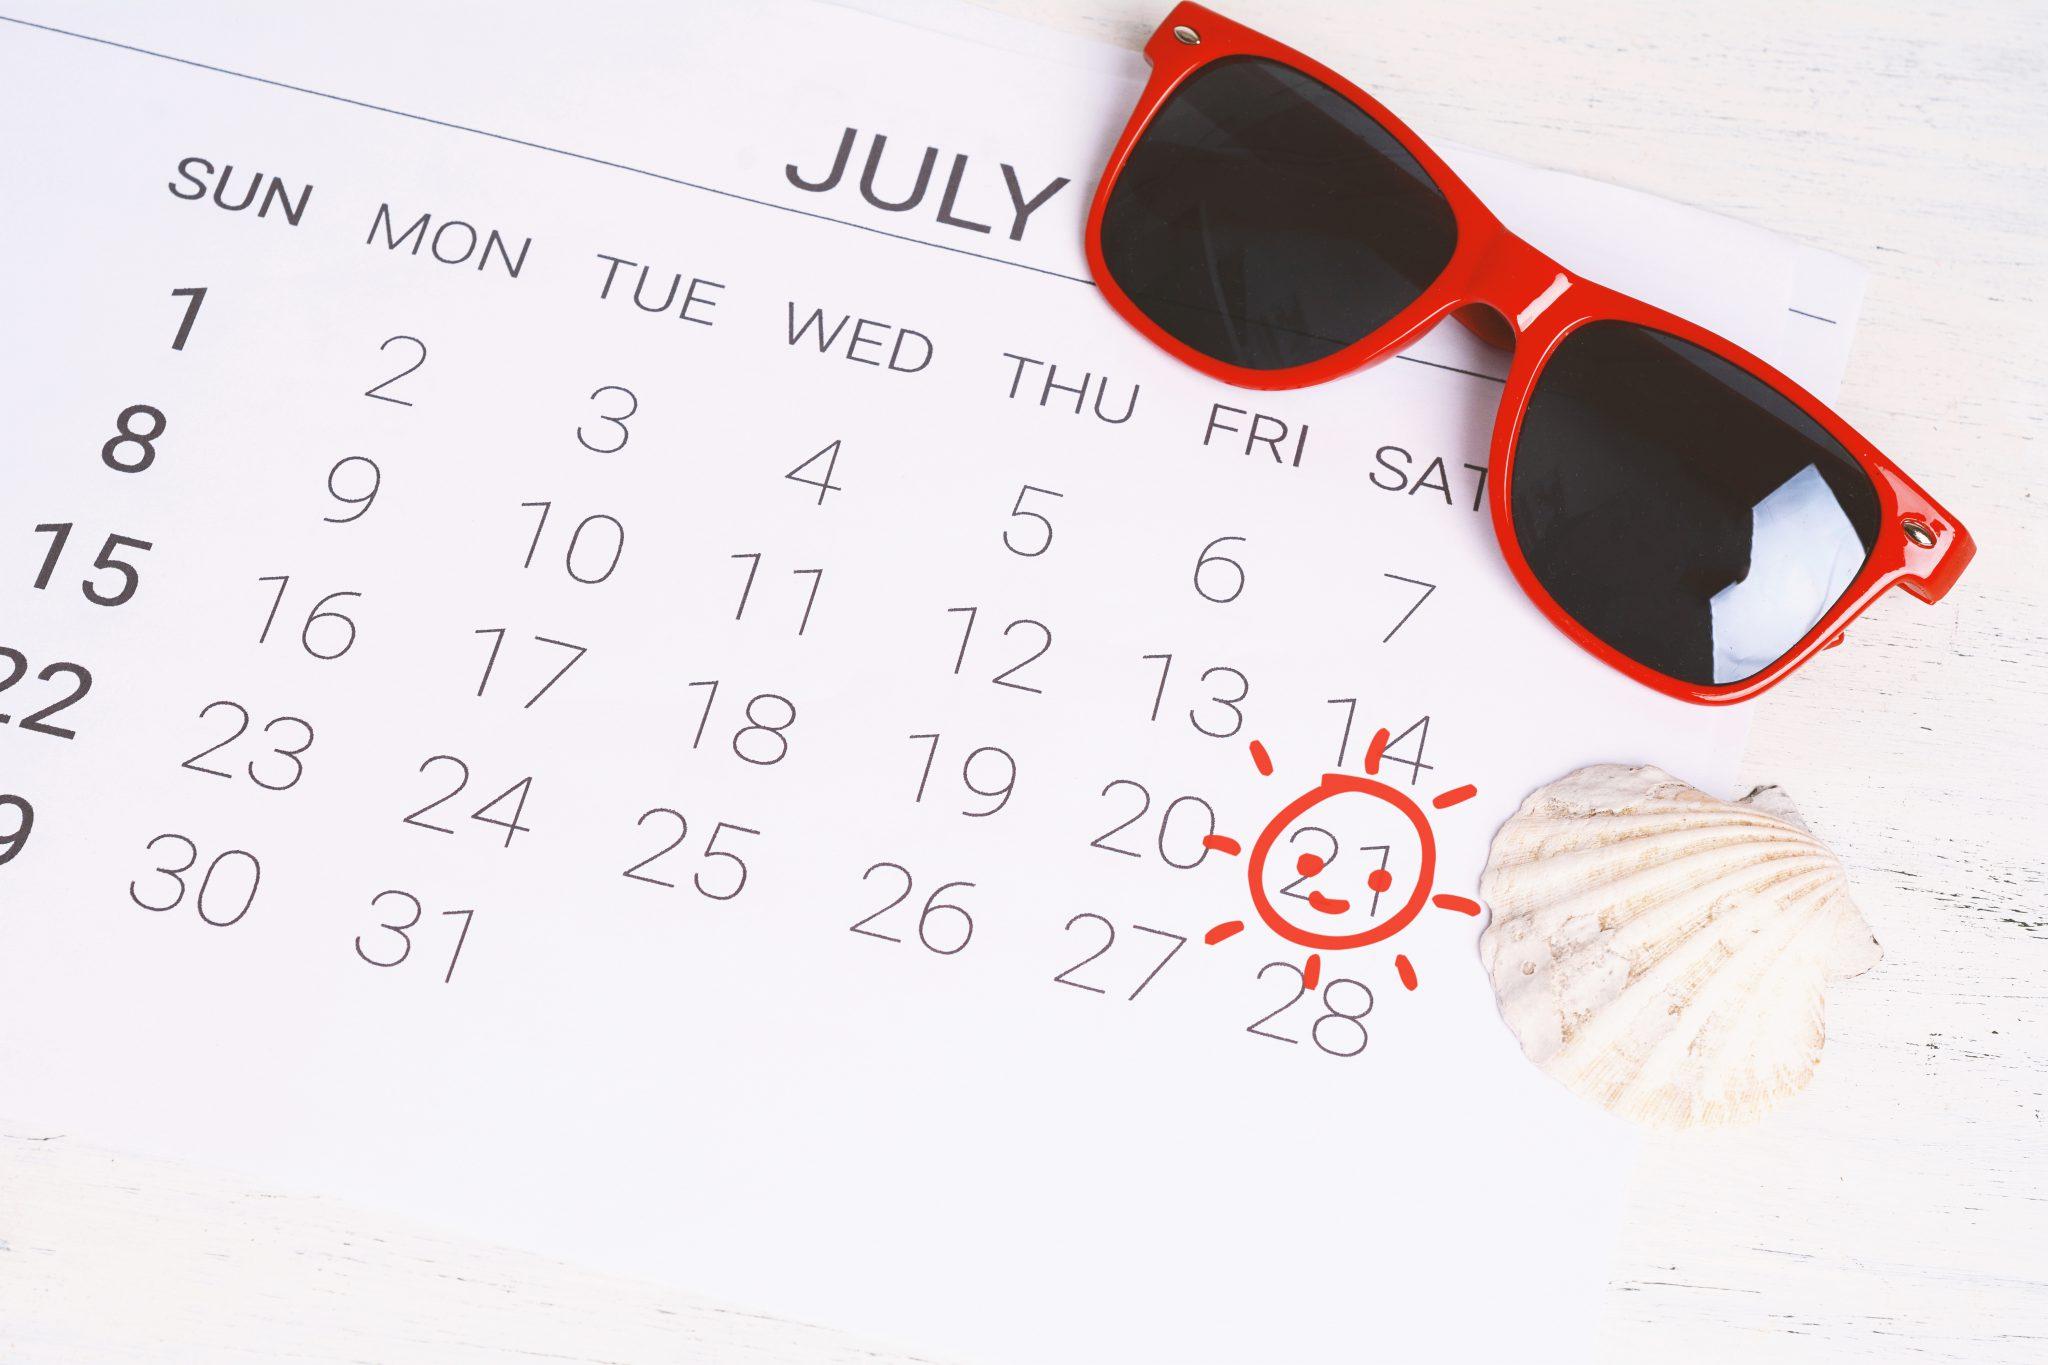 הקיץ הזה הולך להיות שמח יותר